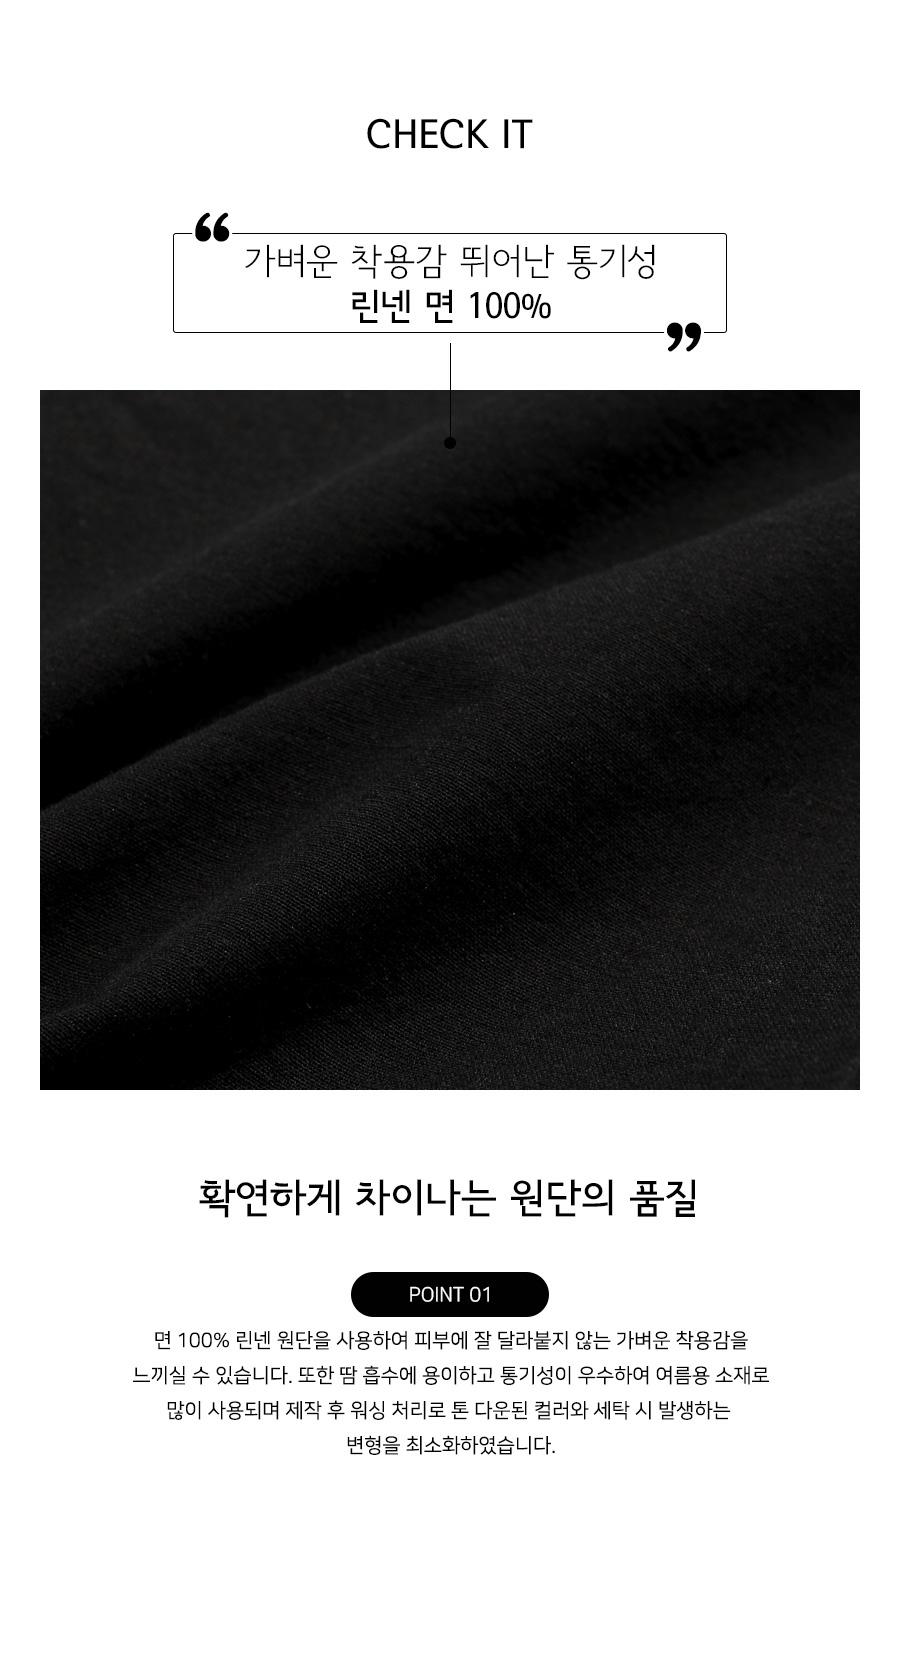 4429_info_black_bj.jpg